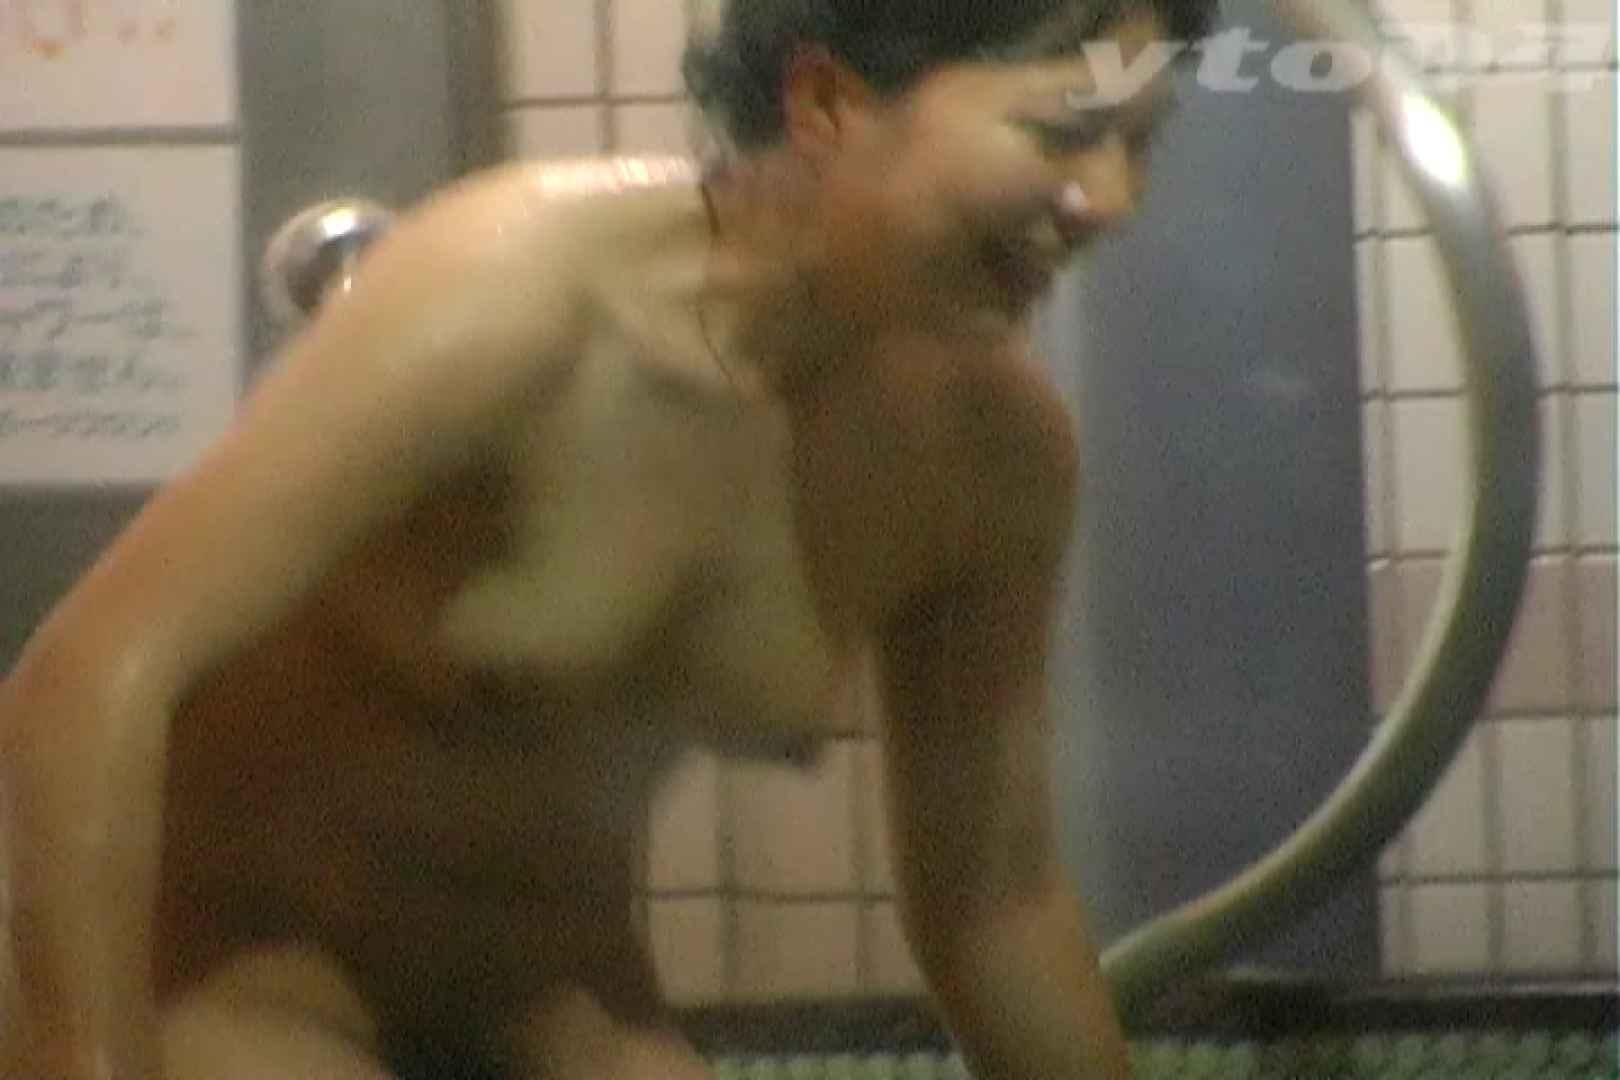 ▲復活限定▲合宿ホテル女風呂盗撮 Vol.24 女湯の中 アダルト動画キャプチャ 74画像 4